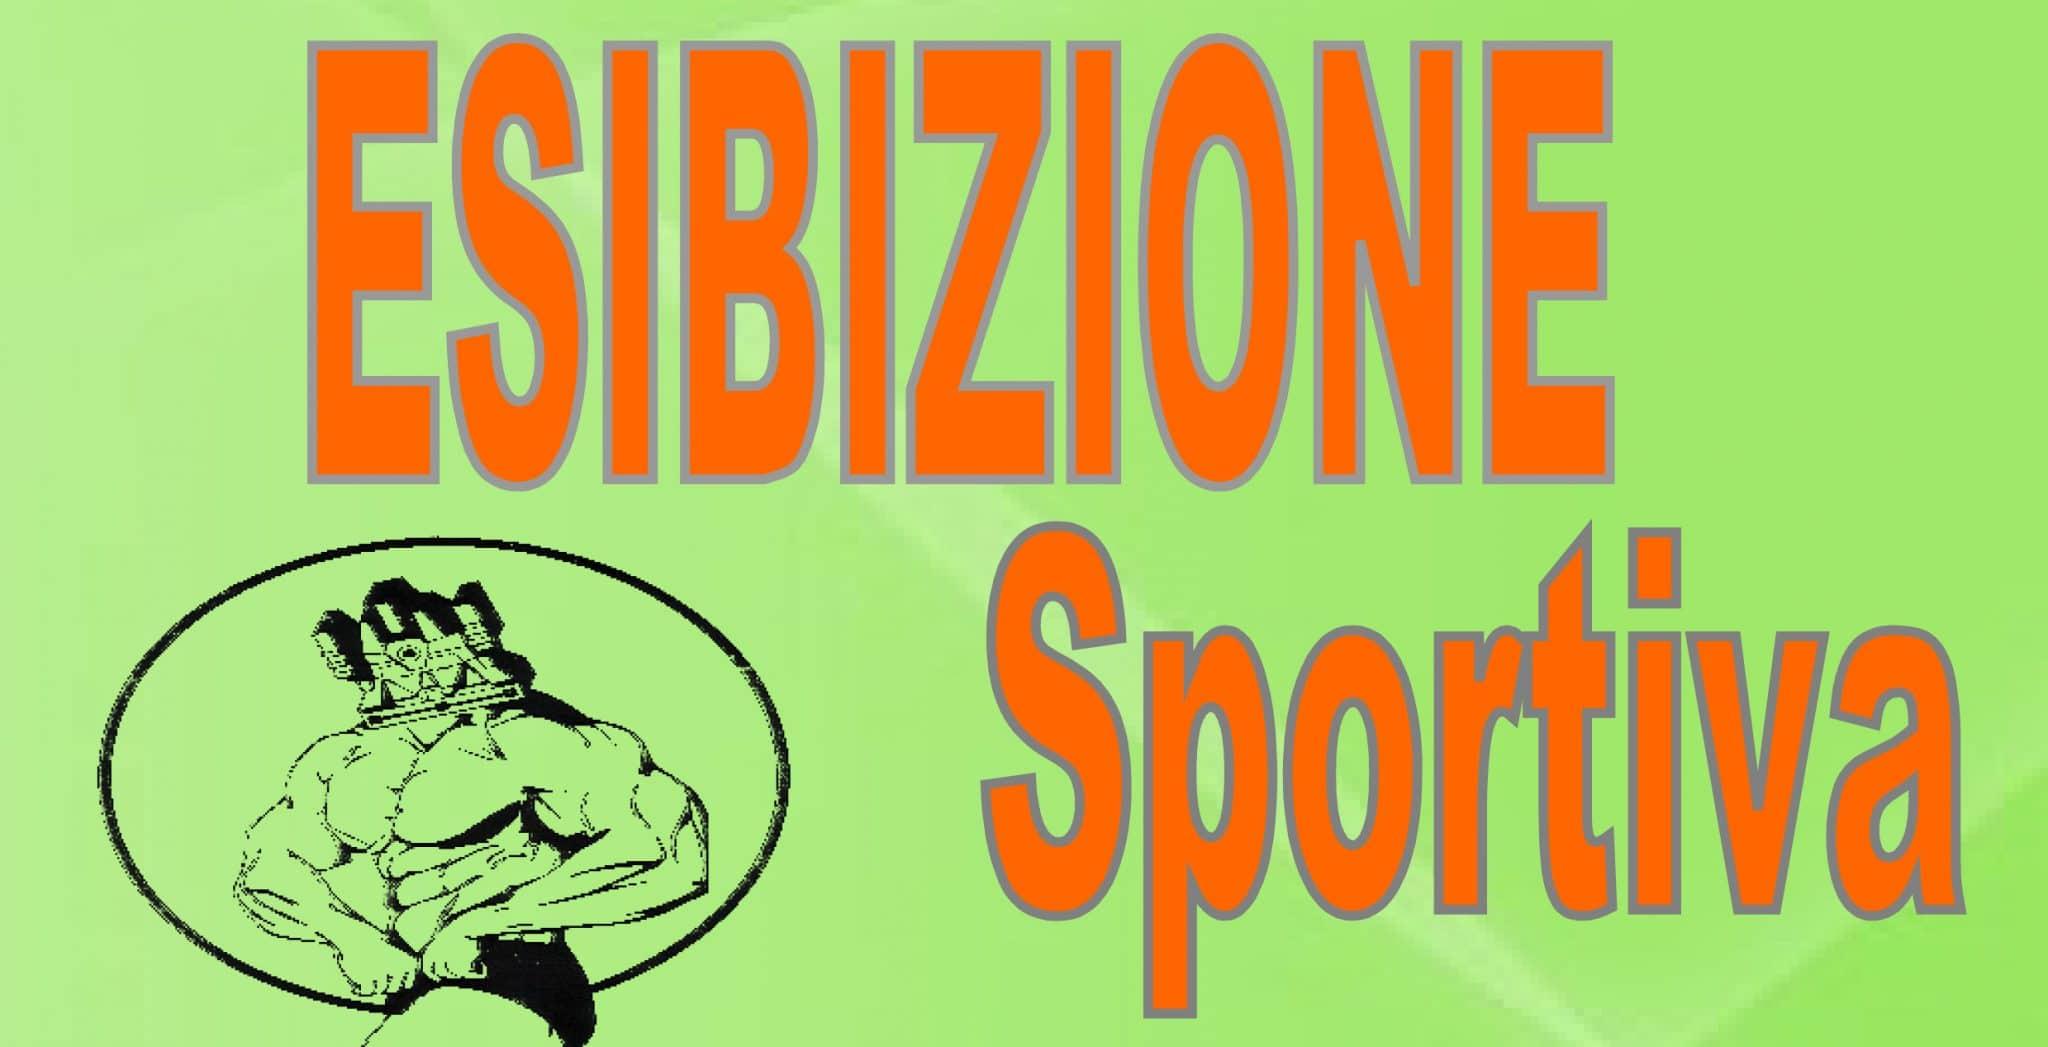 Esibizione Sportiva Esibizione Sportiva ESIBIZIONE SPORTIVA in Evidenza